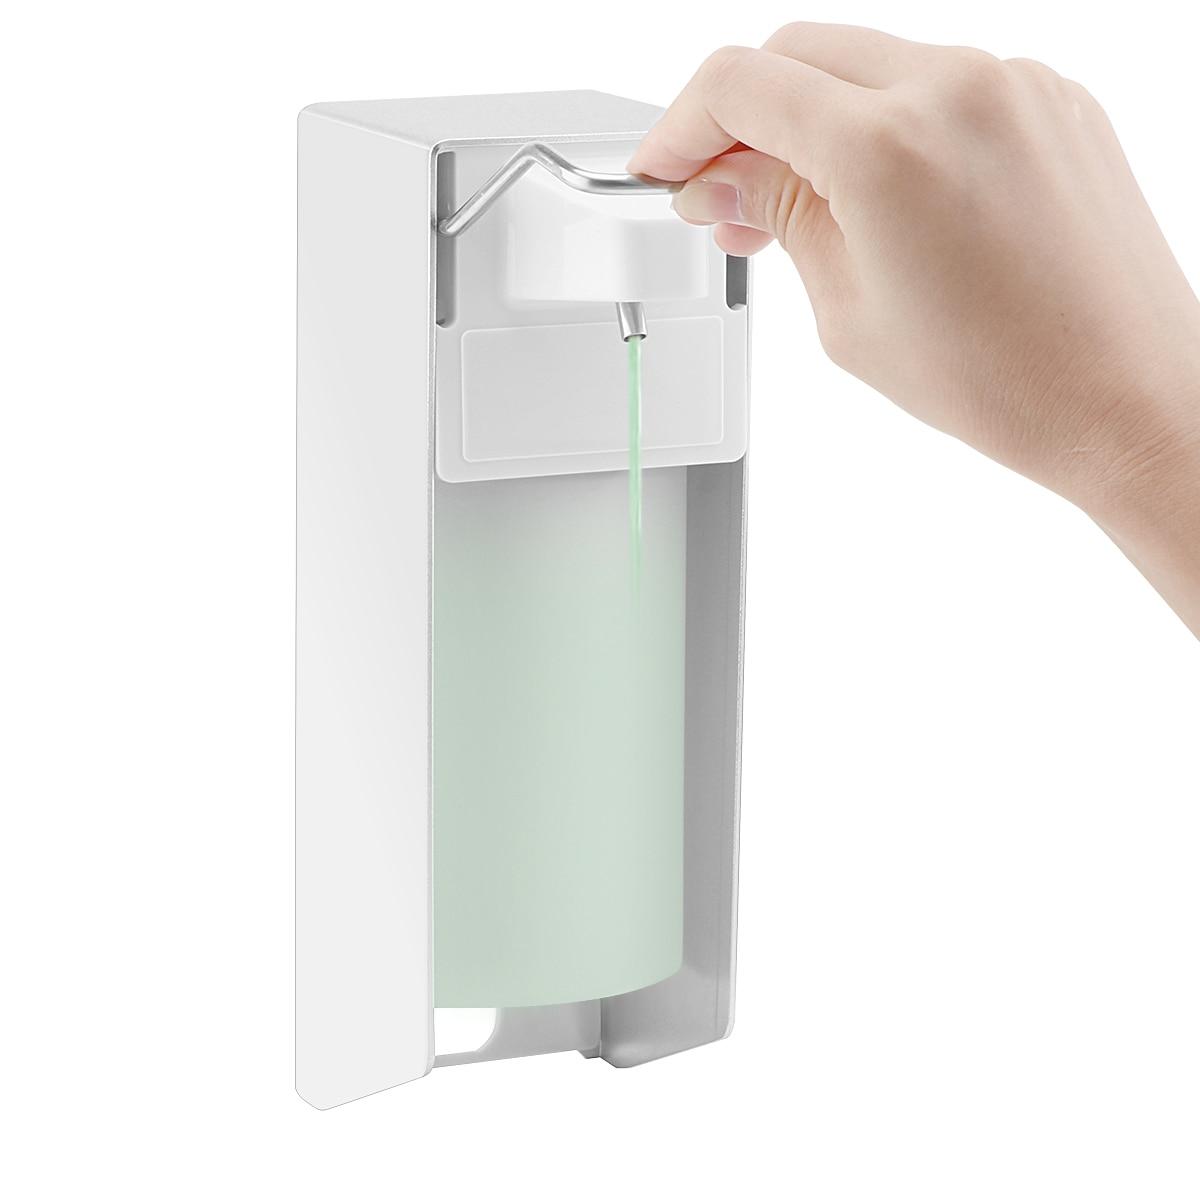 Wall Mount Liquid Soap Dispenser Pump Hospital Elbow Press Hand Sanitizer Soap Dispenser Bottle For Kitchen Innrech Market.com